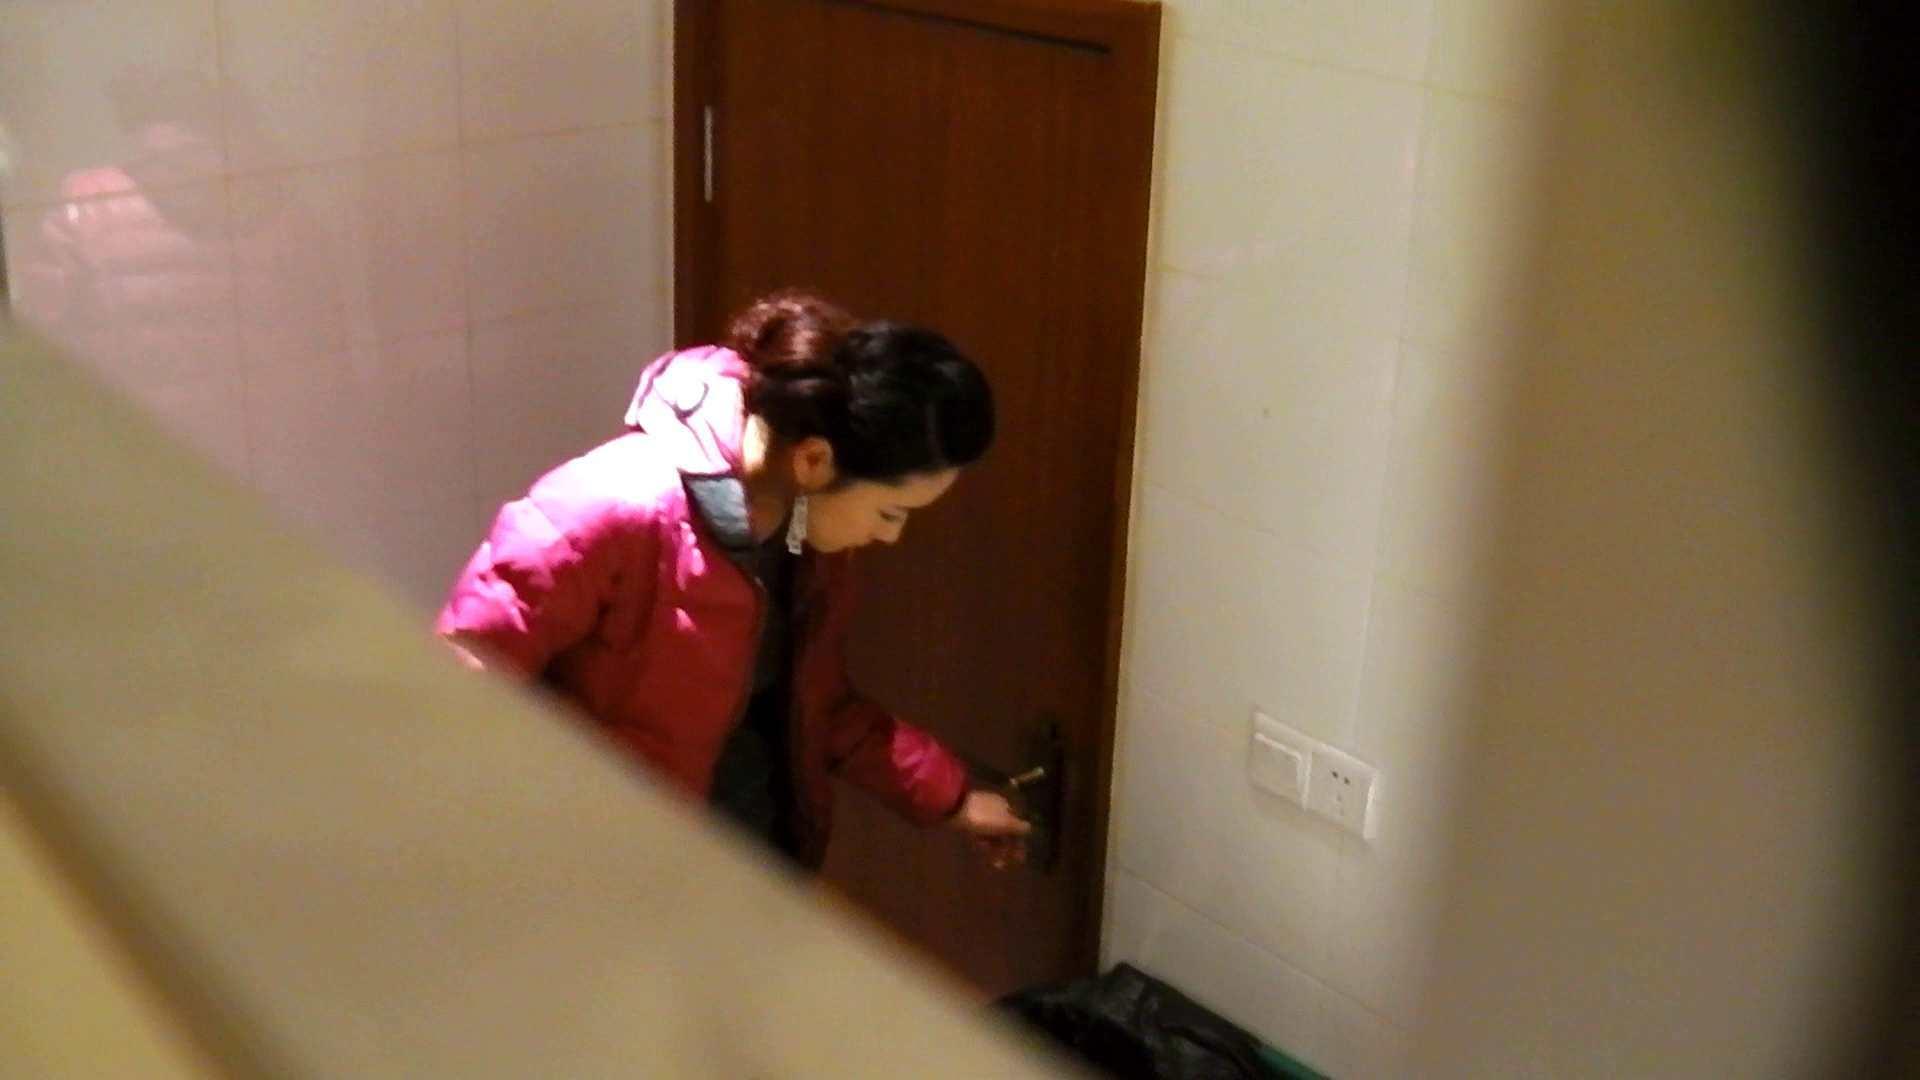 洗寿観音さんの 化粧室は四面楚歌Nol.4 洗面所  104pic 28